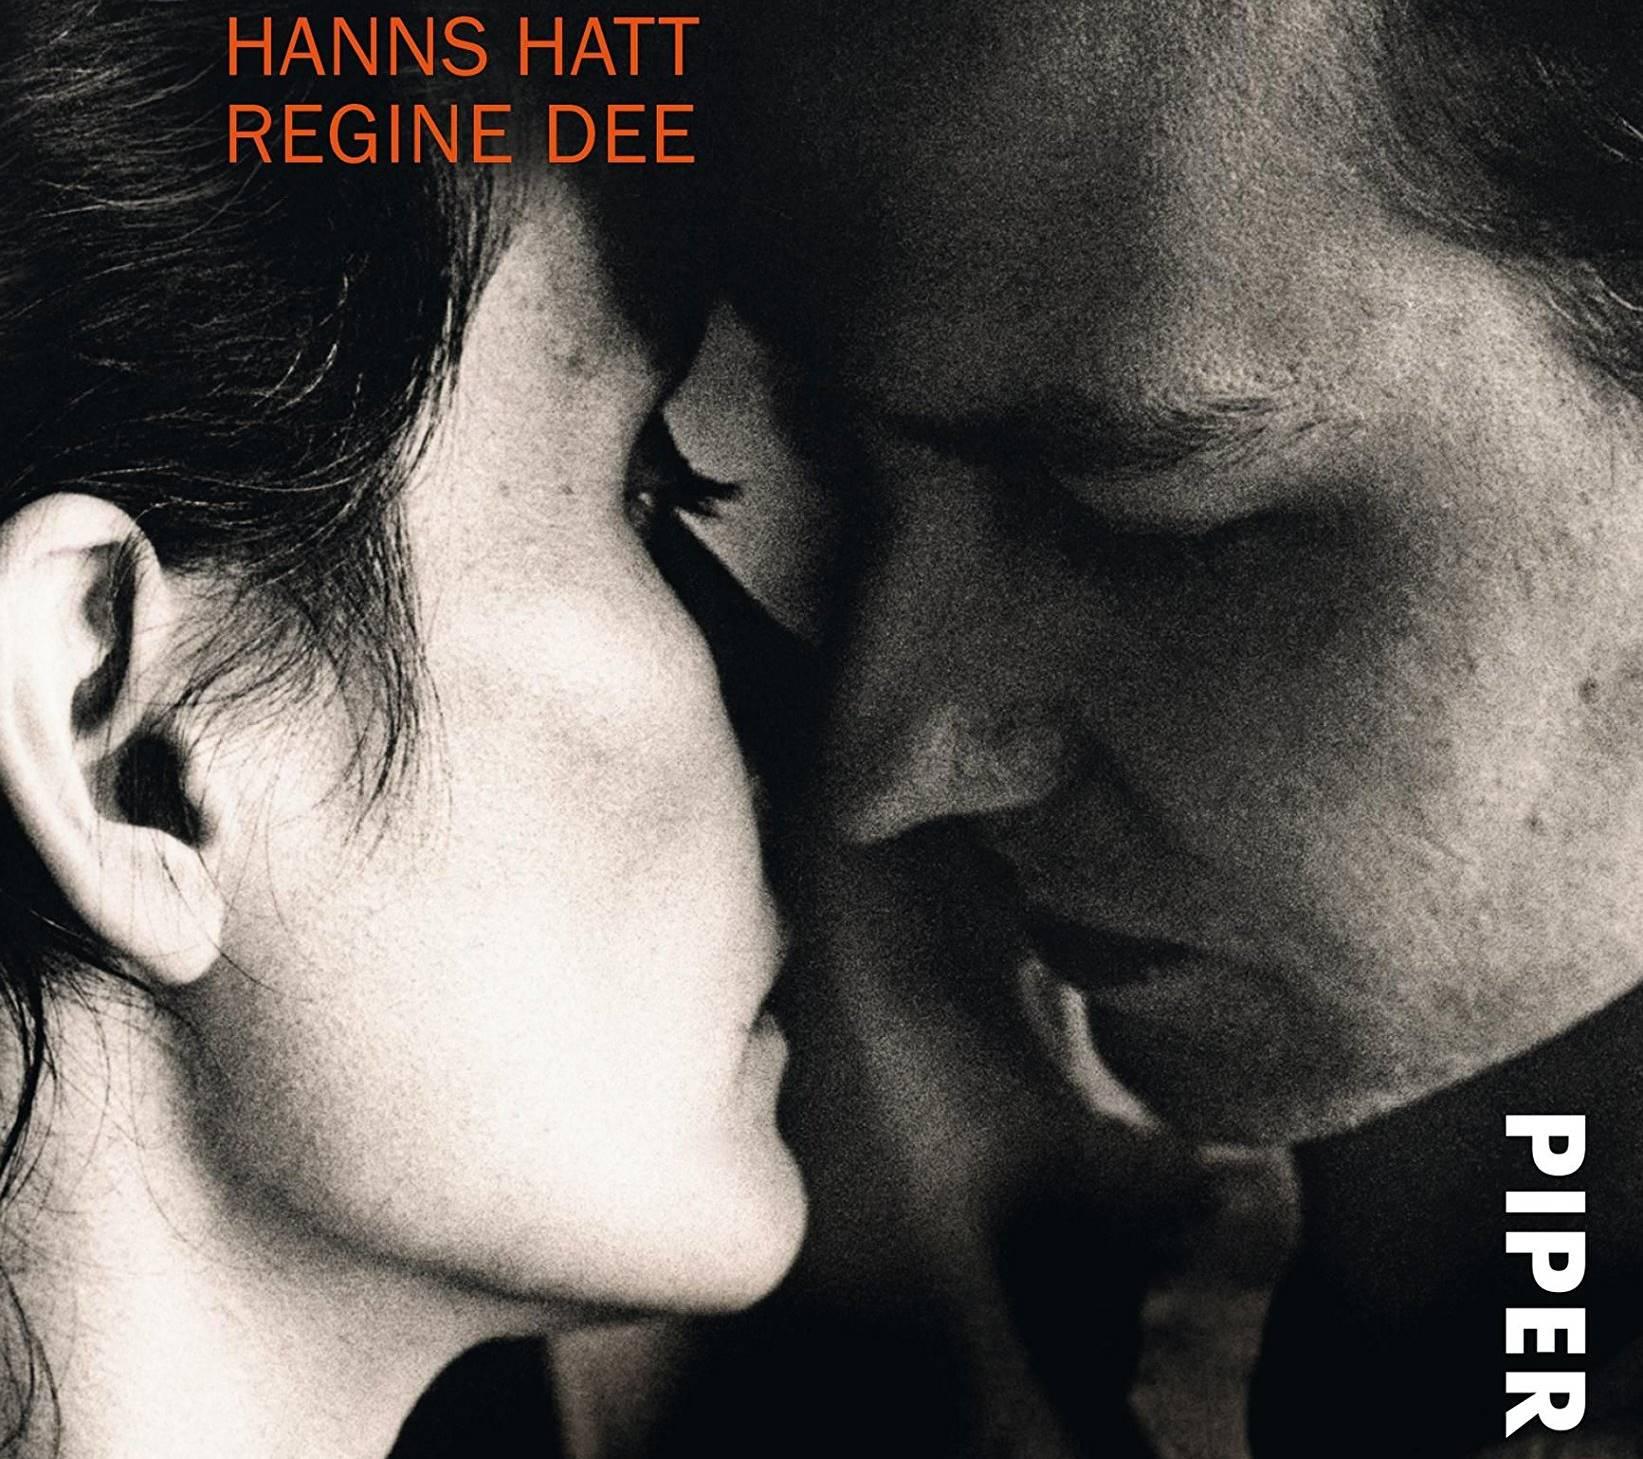 Niemand riecht so gut wie Du - Hans Hatt - Eliane Zimmermann Aromatherapie